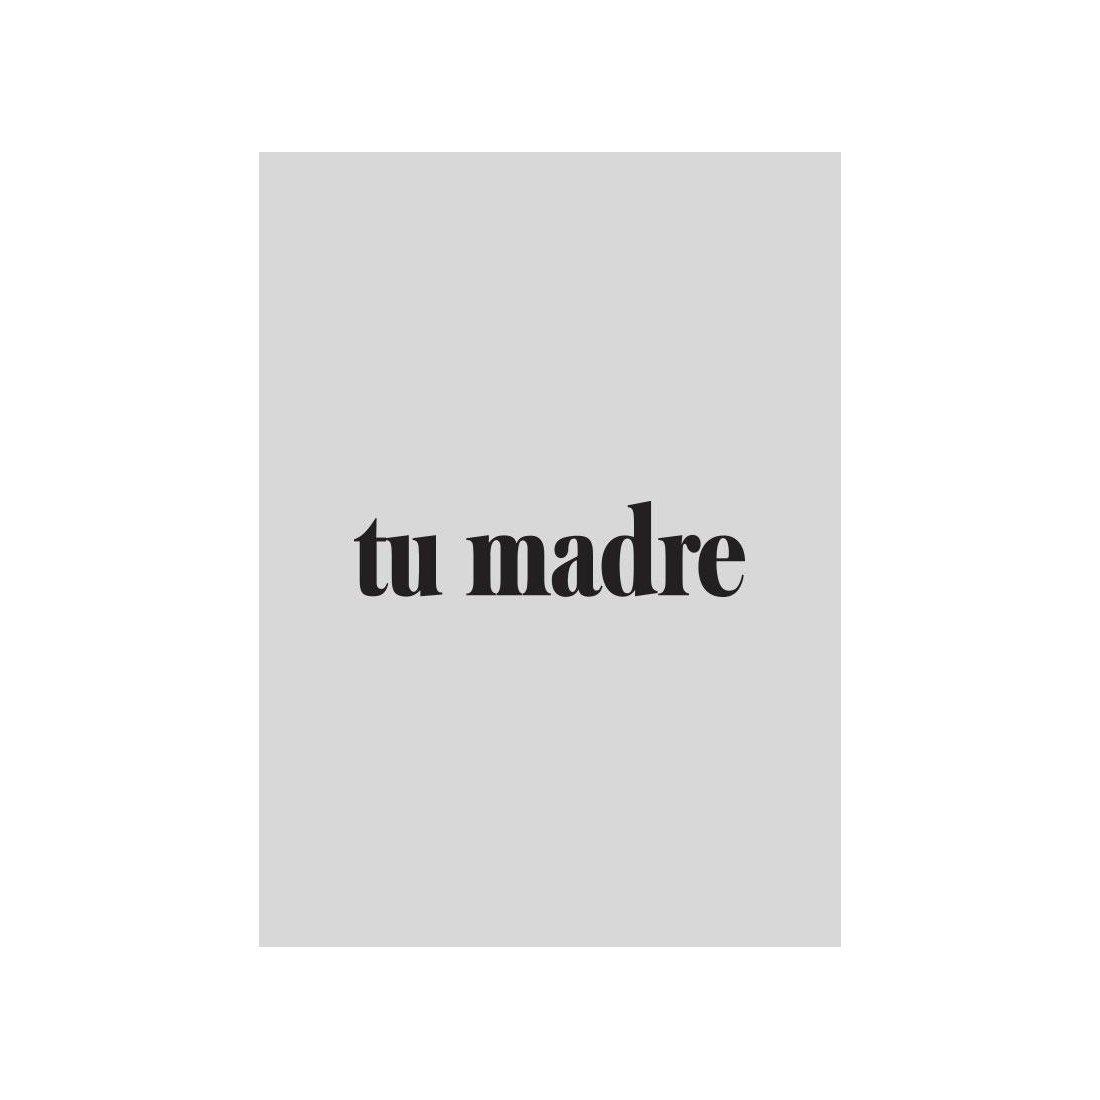 """Camiseta para embarazadas """"Tu madre"""" de Dressmadre"""